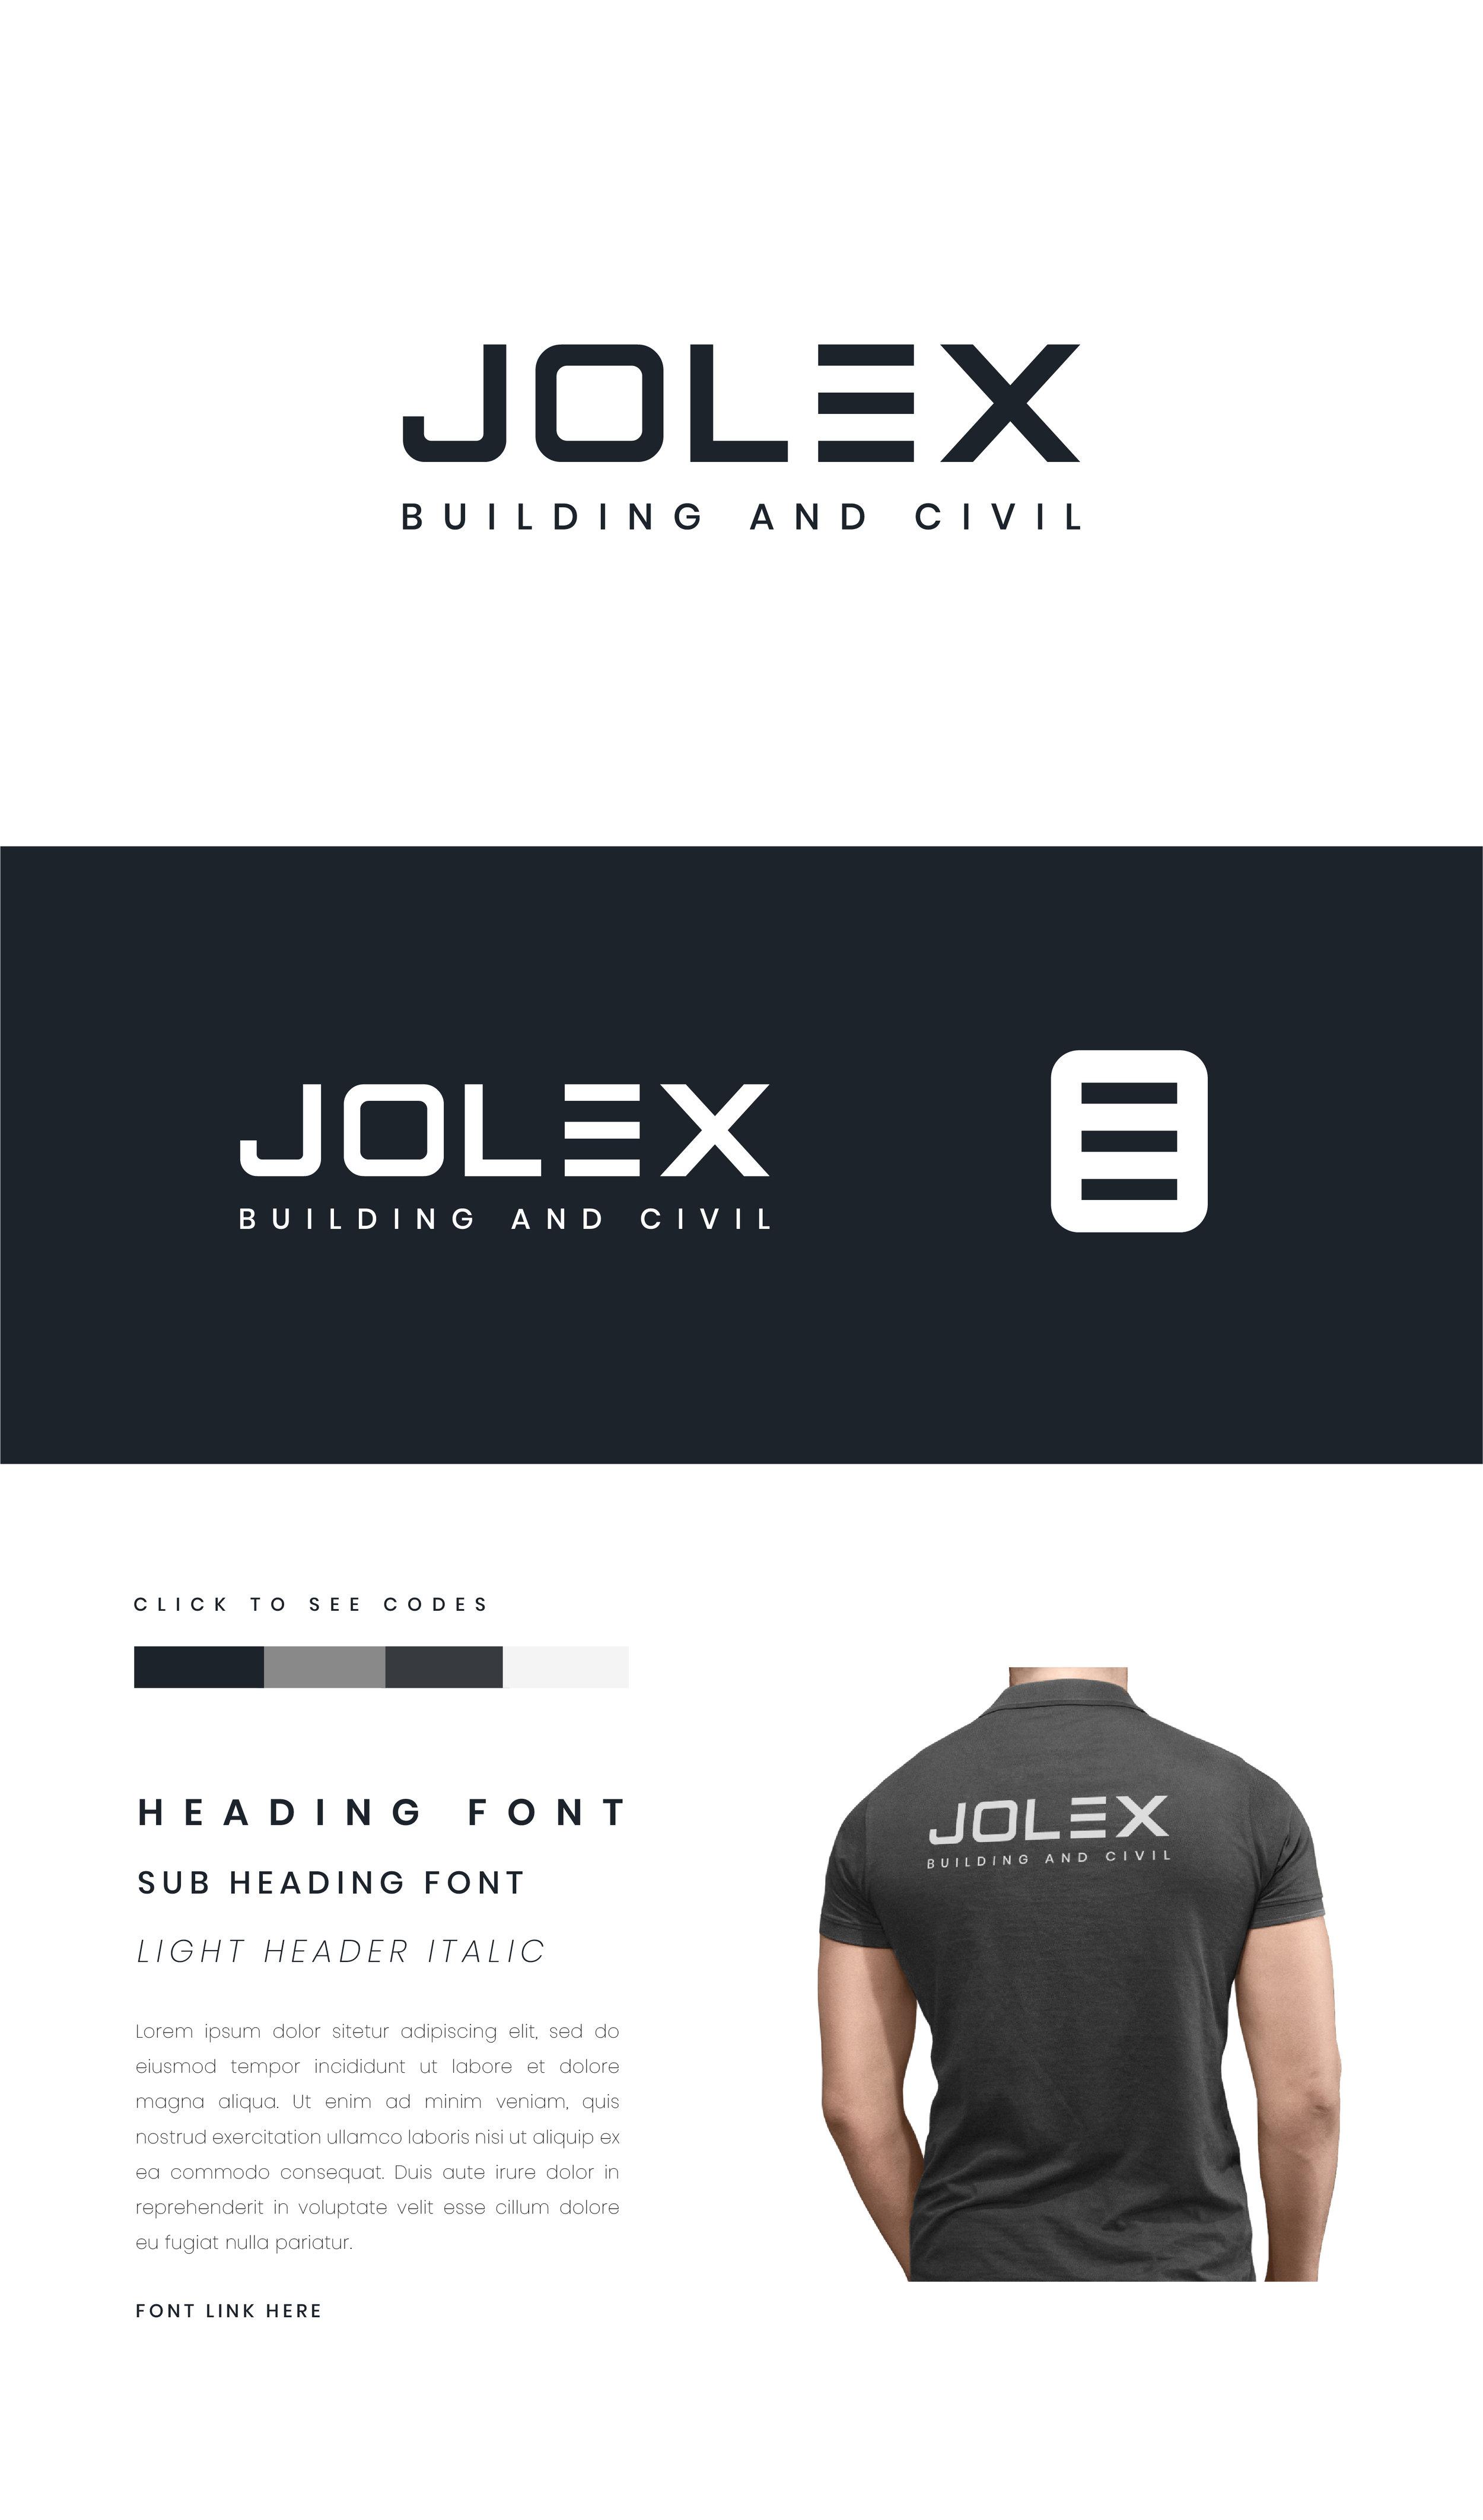 jolex_style_sheet.jpg